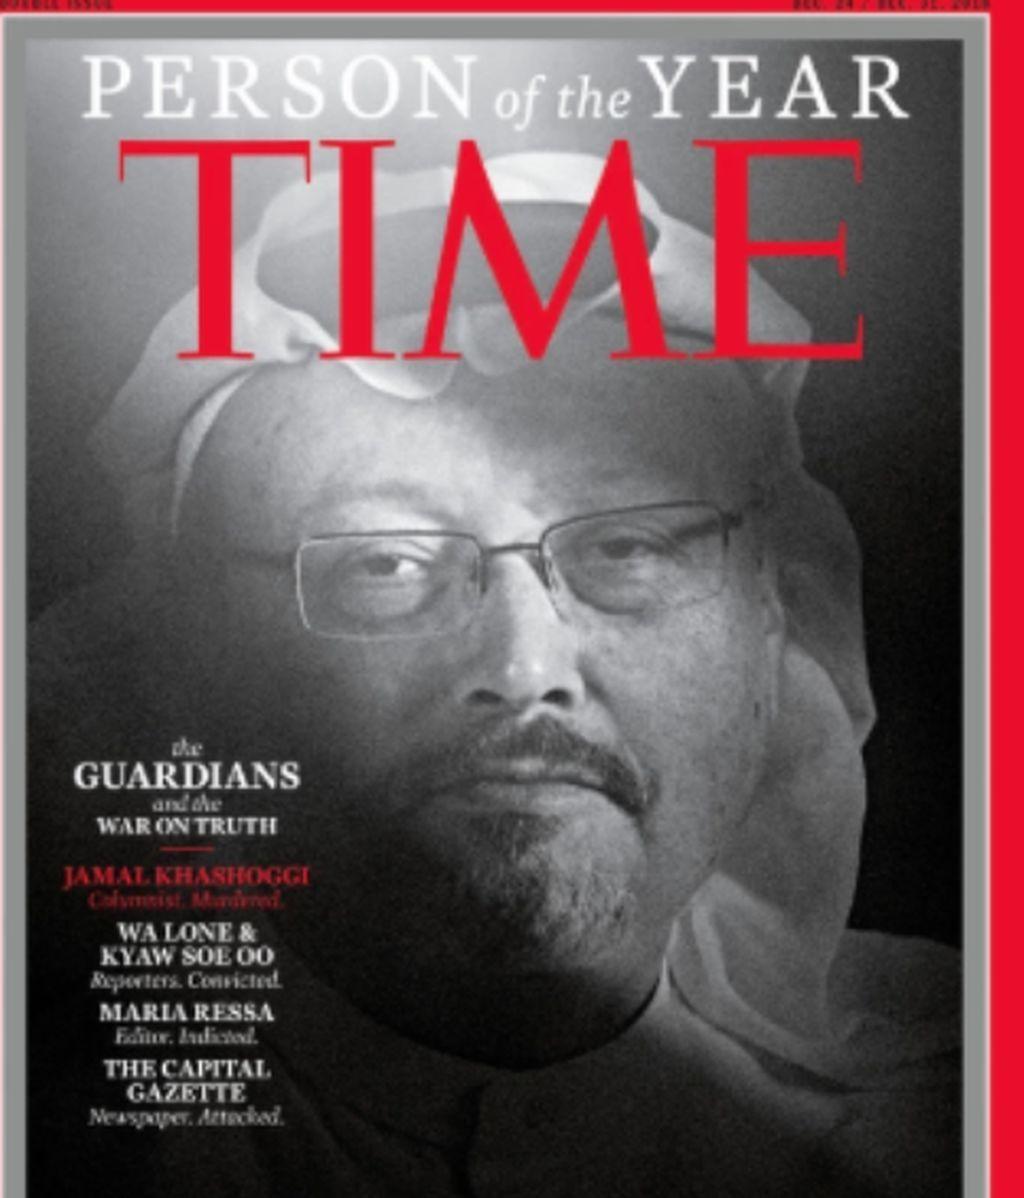 Por primera vez una persona muerta: Khashoggi, personaje del año para la revista Time